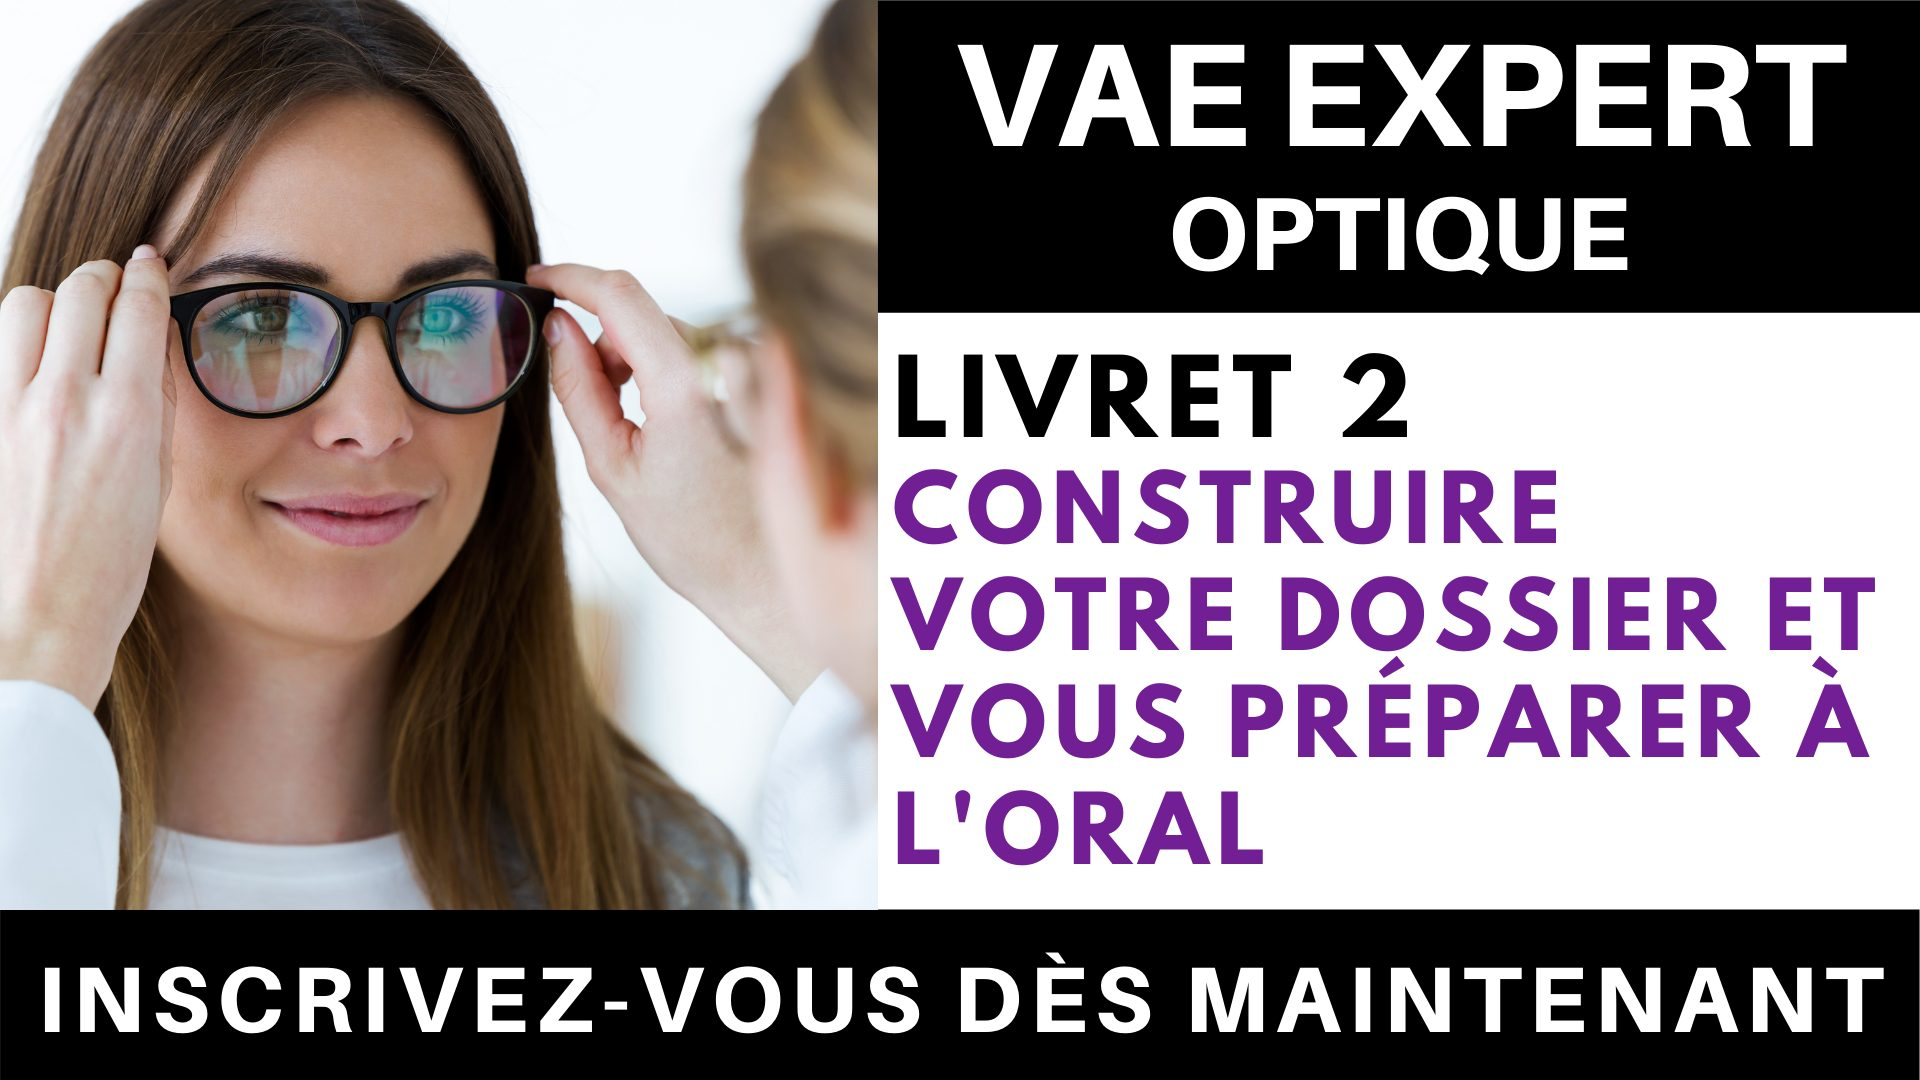 VAE EXPERT OPTIQUE - Livret 2 Construire votre dossier et vous préparer à l'oral